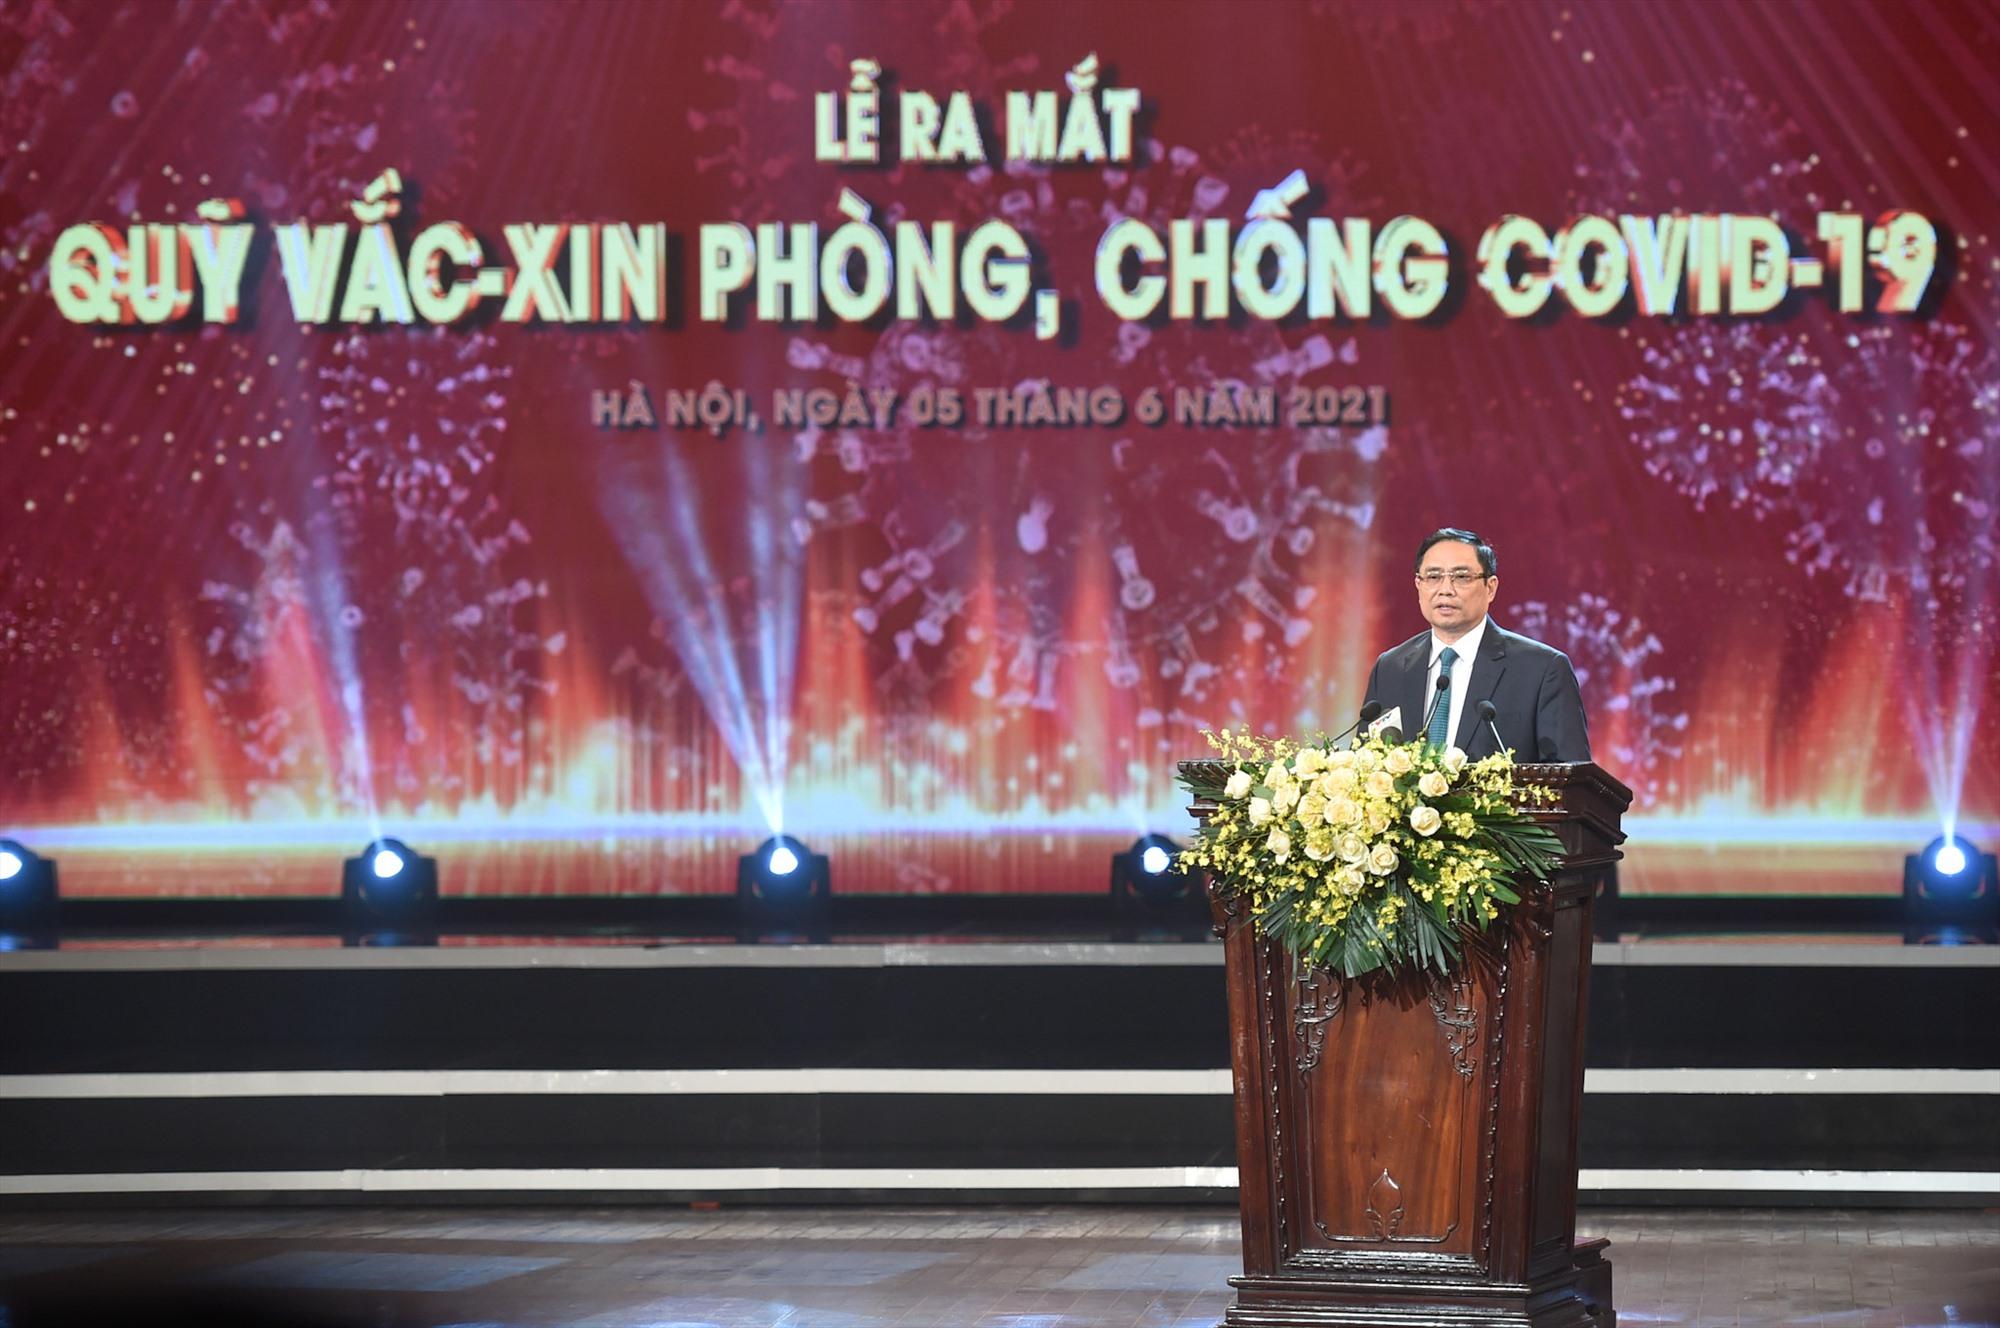 Thủ tướng Phạm Minh Chính: Sự đồng lòng của nhân dân là chìa khóa mở cánh cửa lớn để chúng ta thoát ra khỏi đại dịch và trở về cuộc sống bình thường, bình yên, an dân, an toàn. Ảnh: VGP